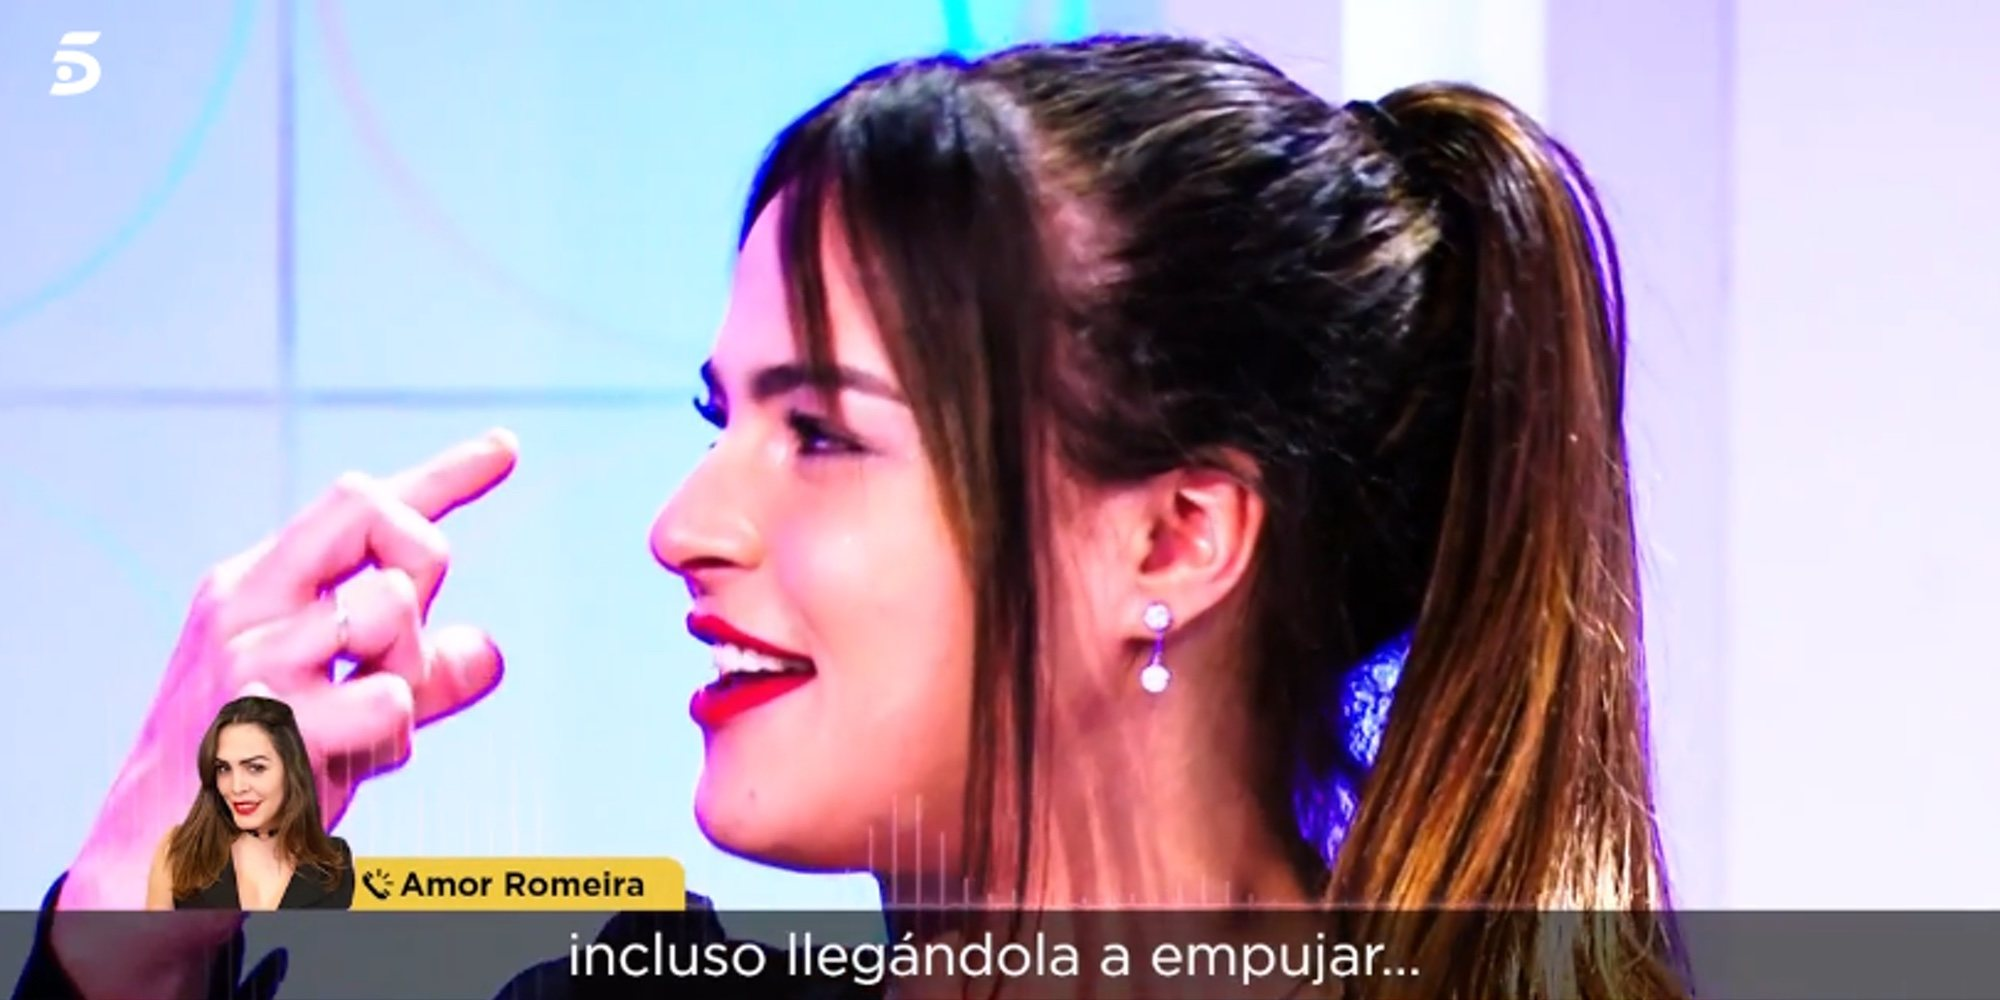 La pelea de Marta Peñate y Adara Molinero entre empujones e insultos en el centro de Madrid